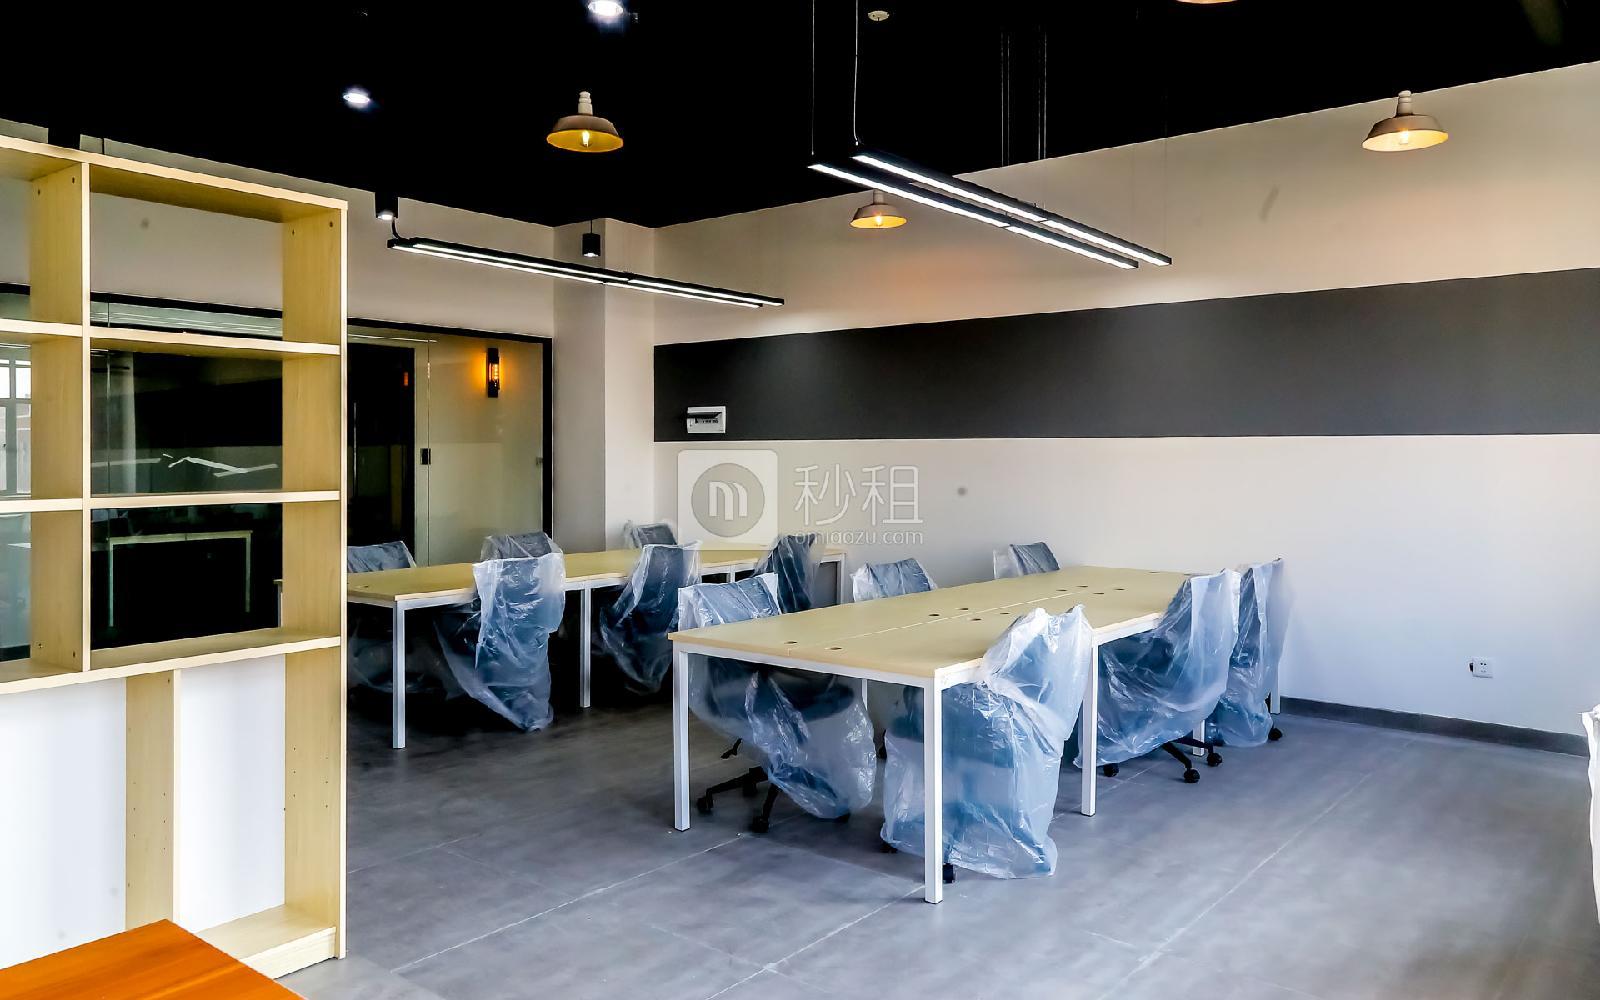 硅谷大院写字楼出租123平米精装办公室15480元/间.月